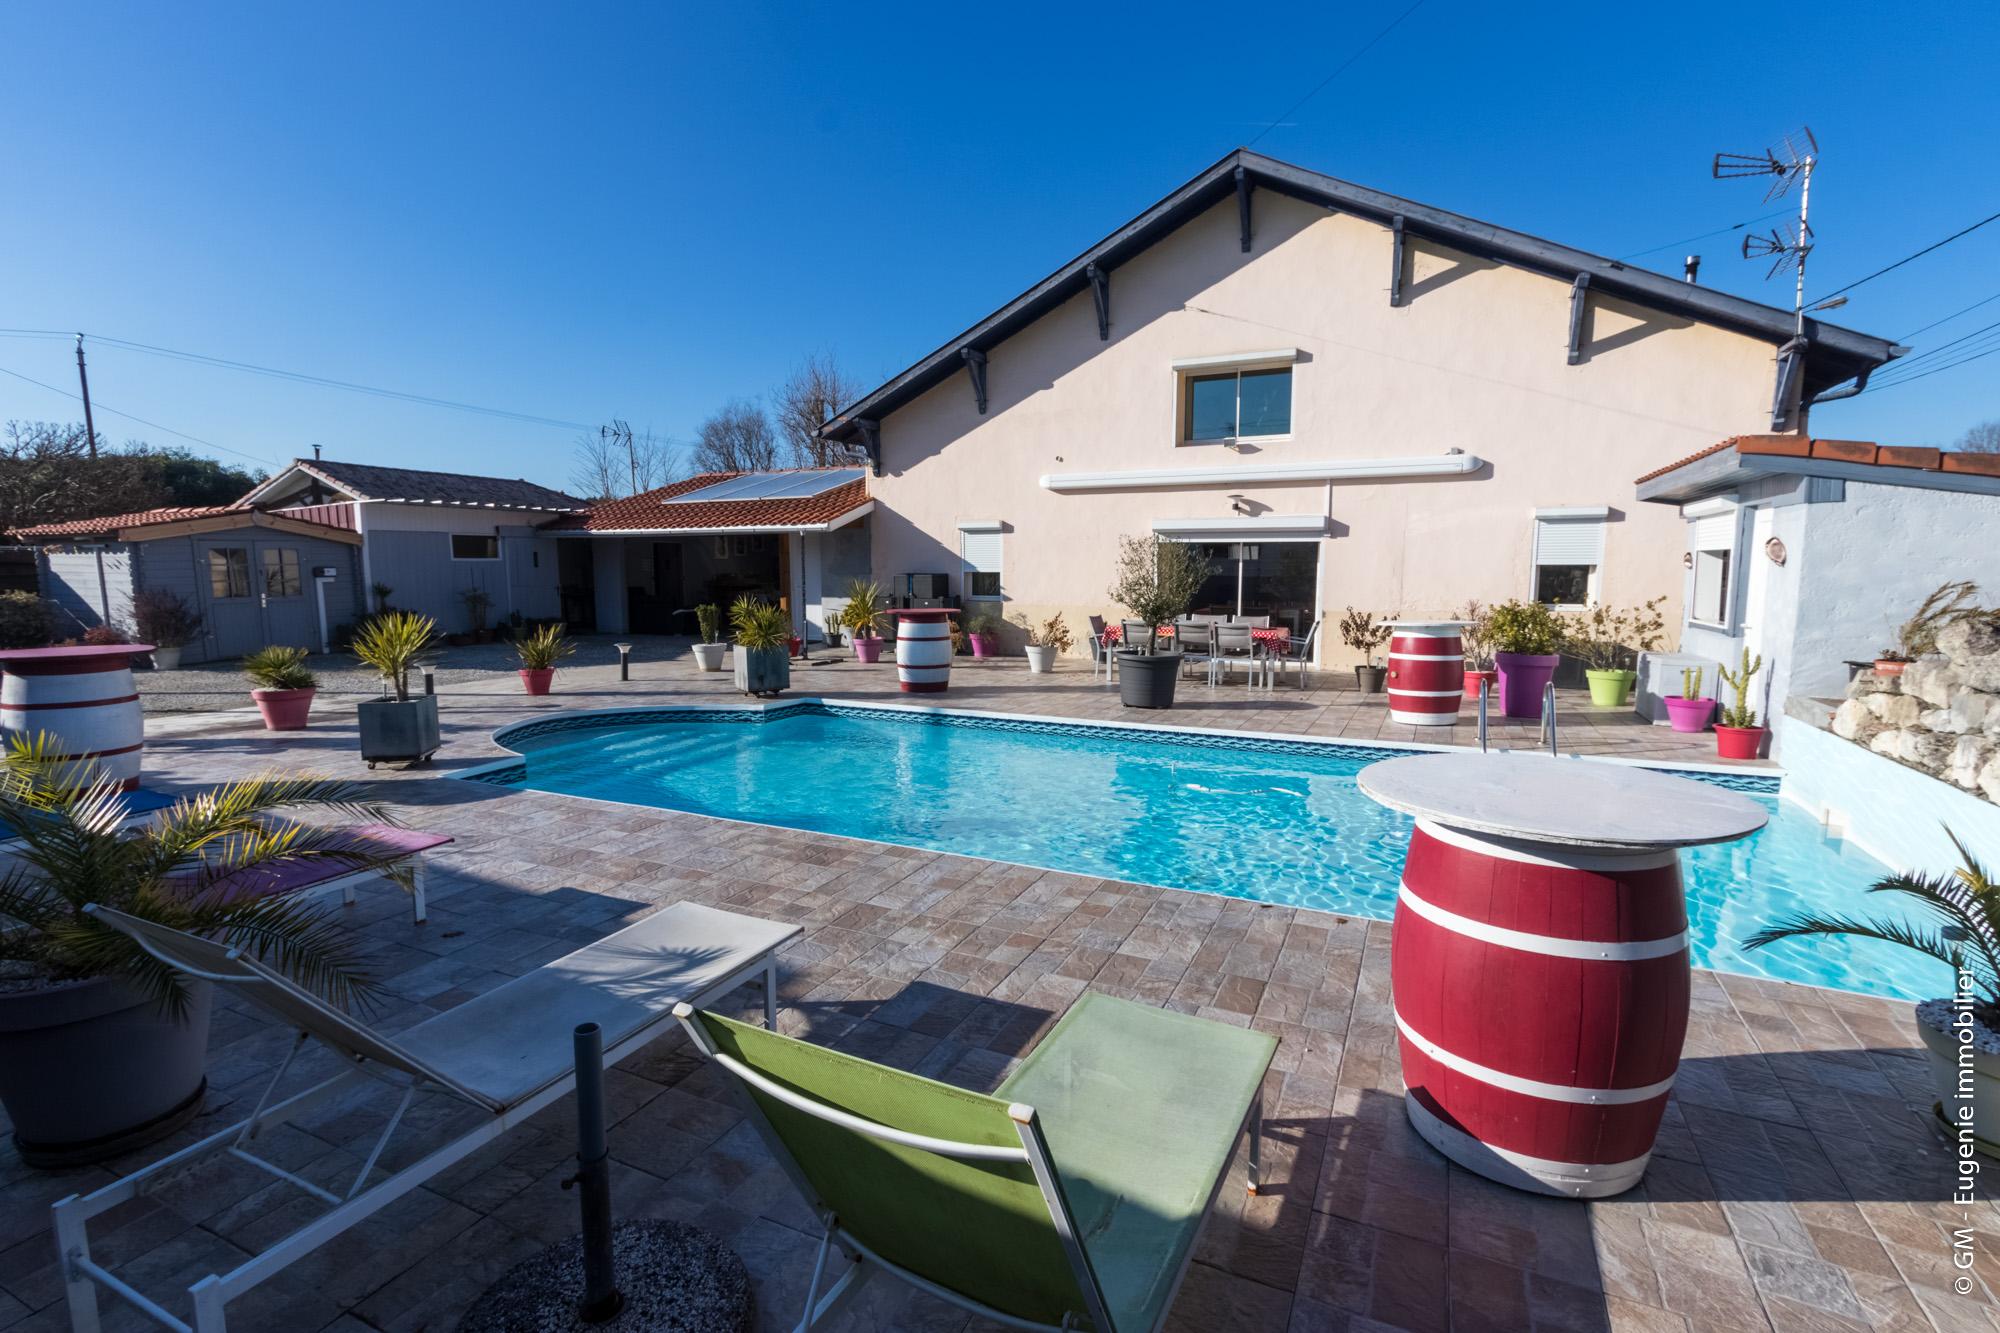 Maison 150m² au Calme T7 + piscine et Jardin 570m²